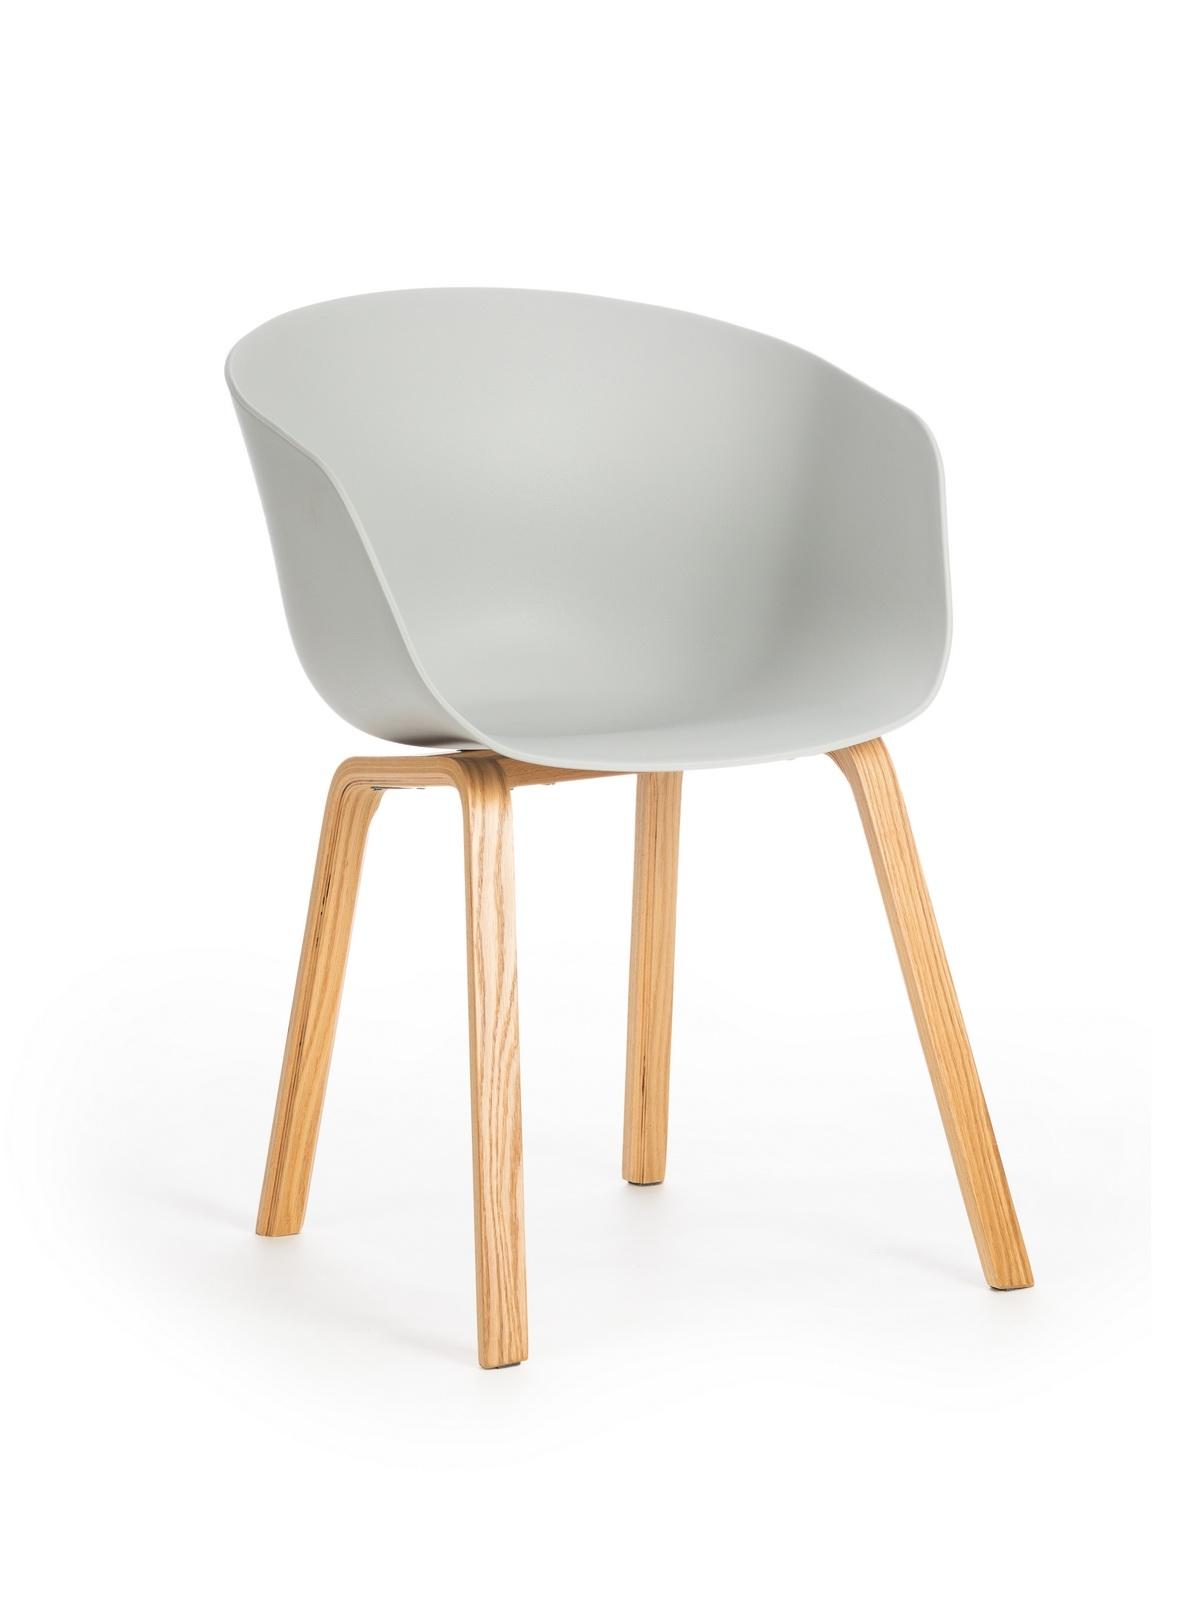 Scaun din plastic cu picioare din lemn Iris Grey, l55xA56xH80 cm imagine